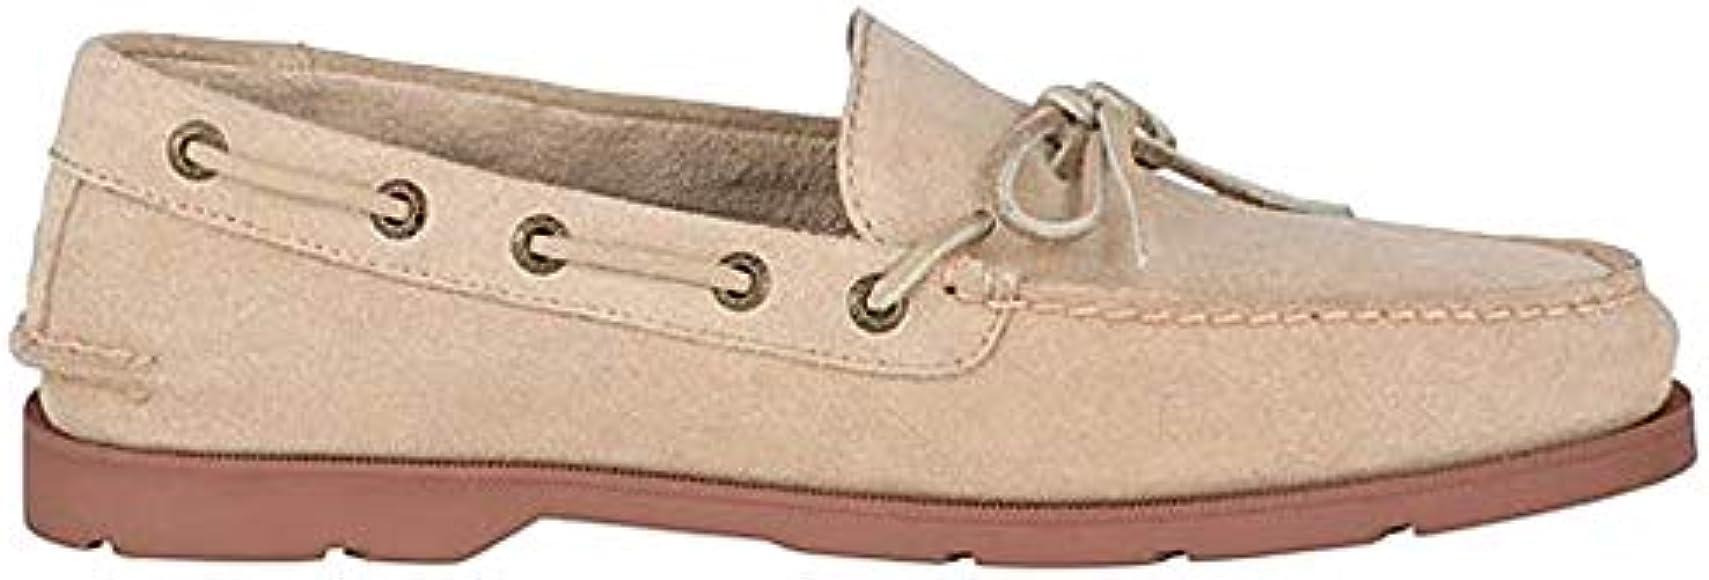 Leeward Suede 1-Eye Boat Shoe, Sand